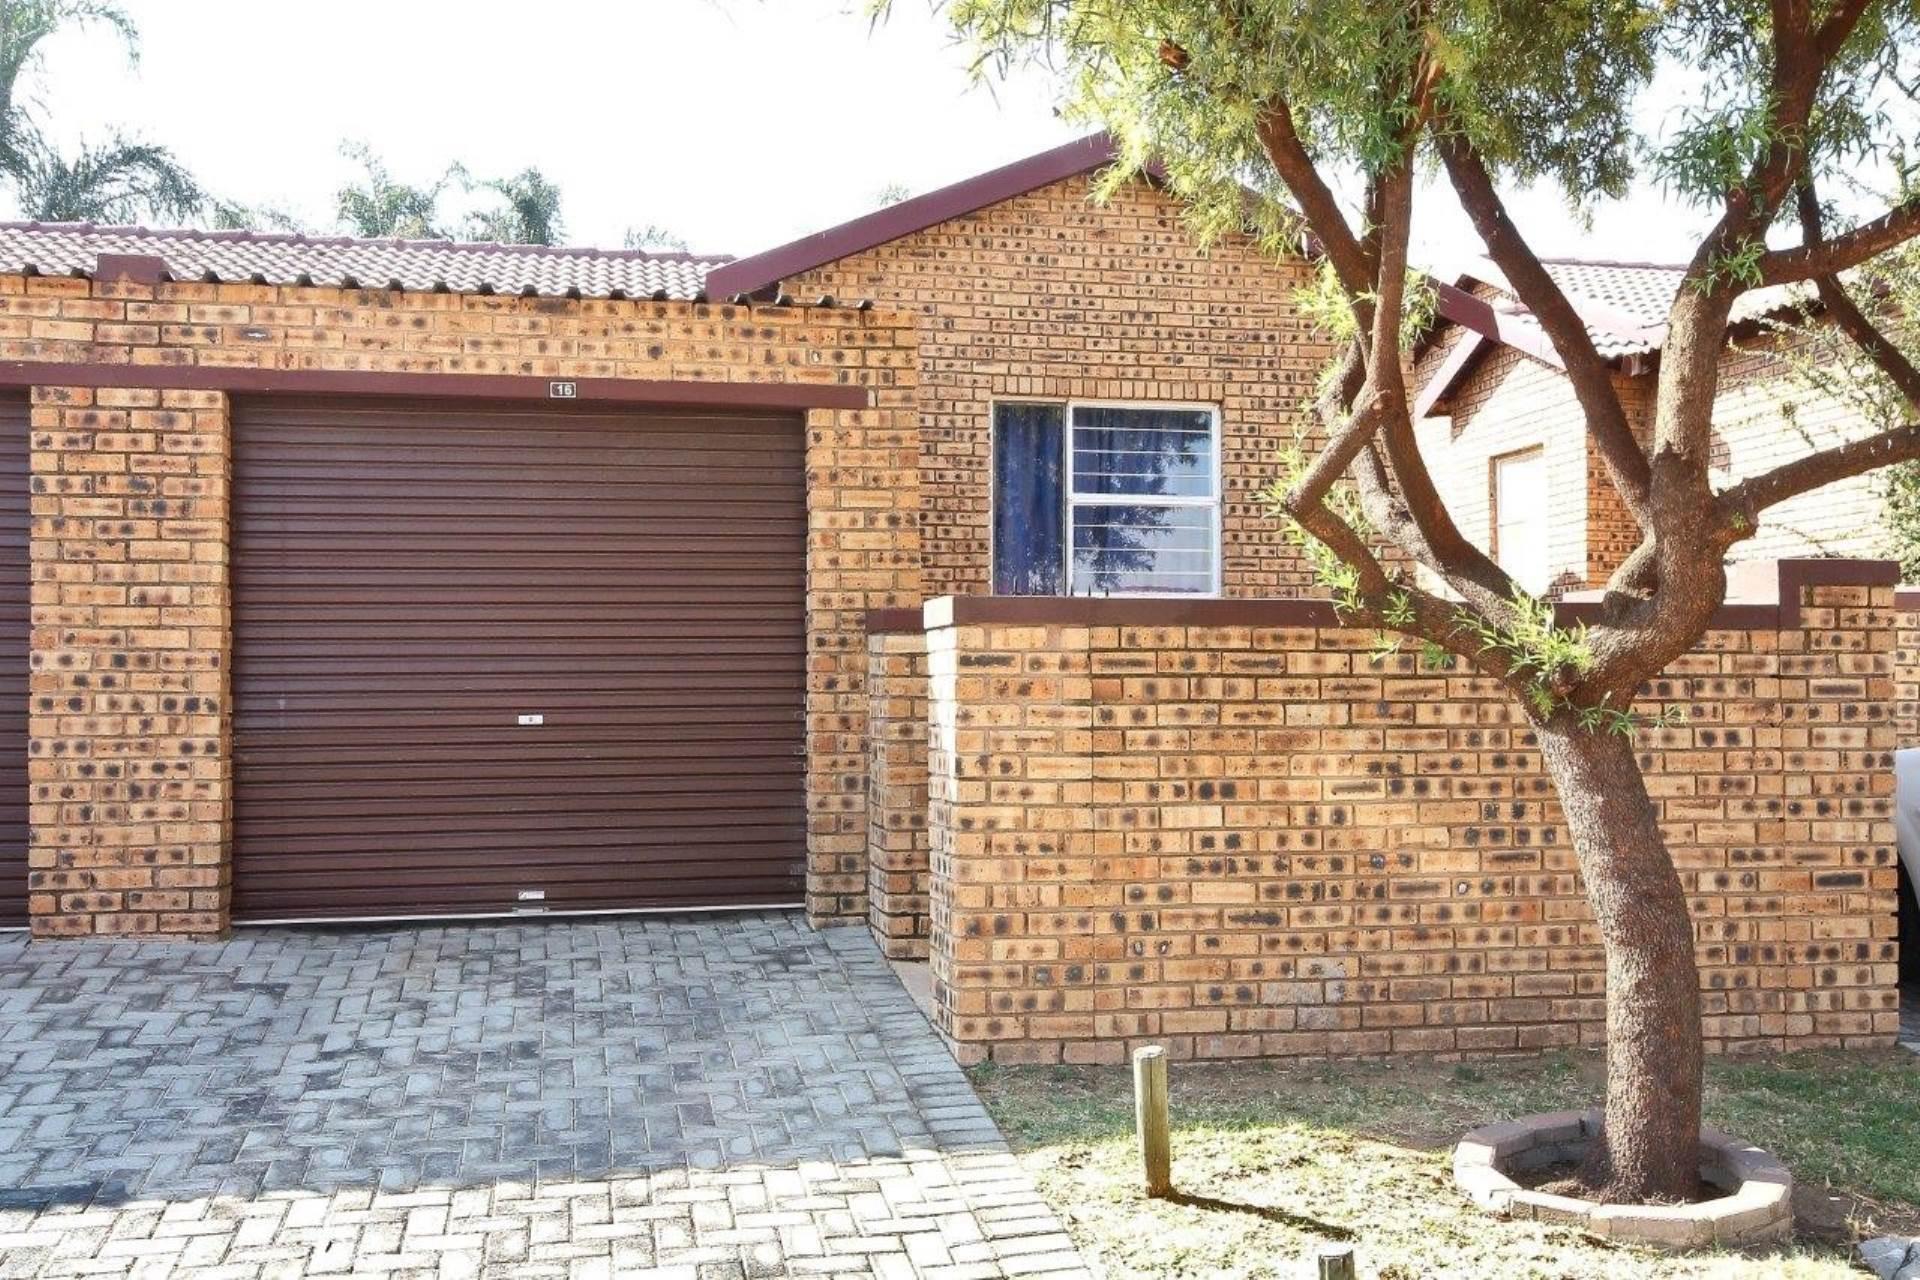 Property in Roodepoort, Krugersdorp, Randburg - West Rand - RE/MAX 2000